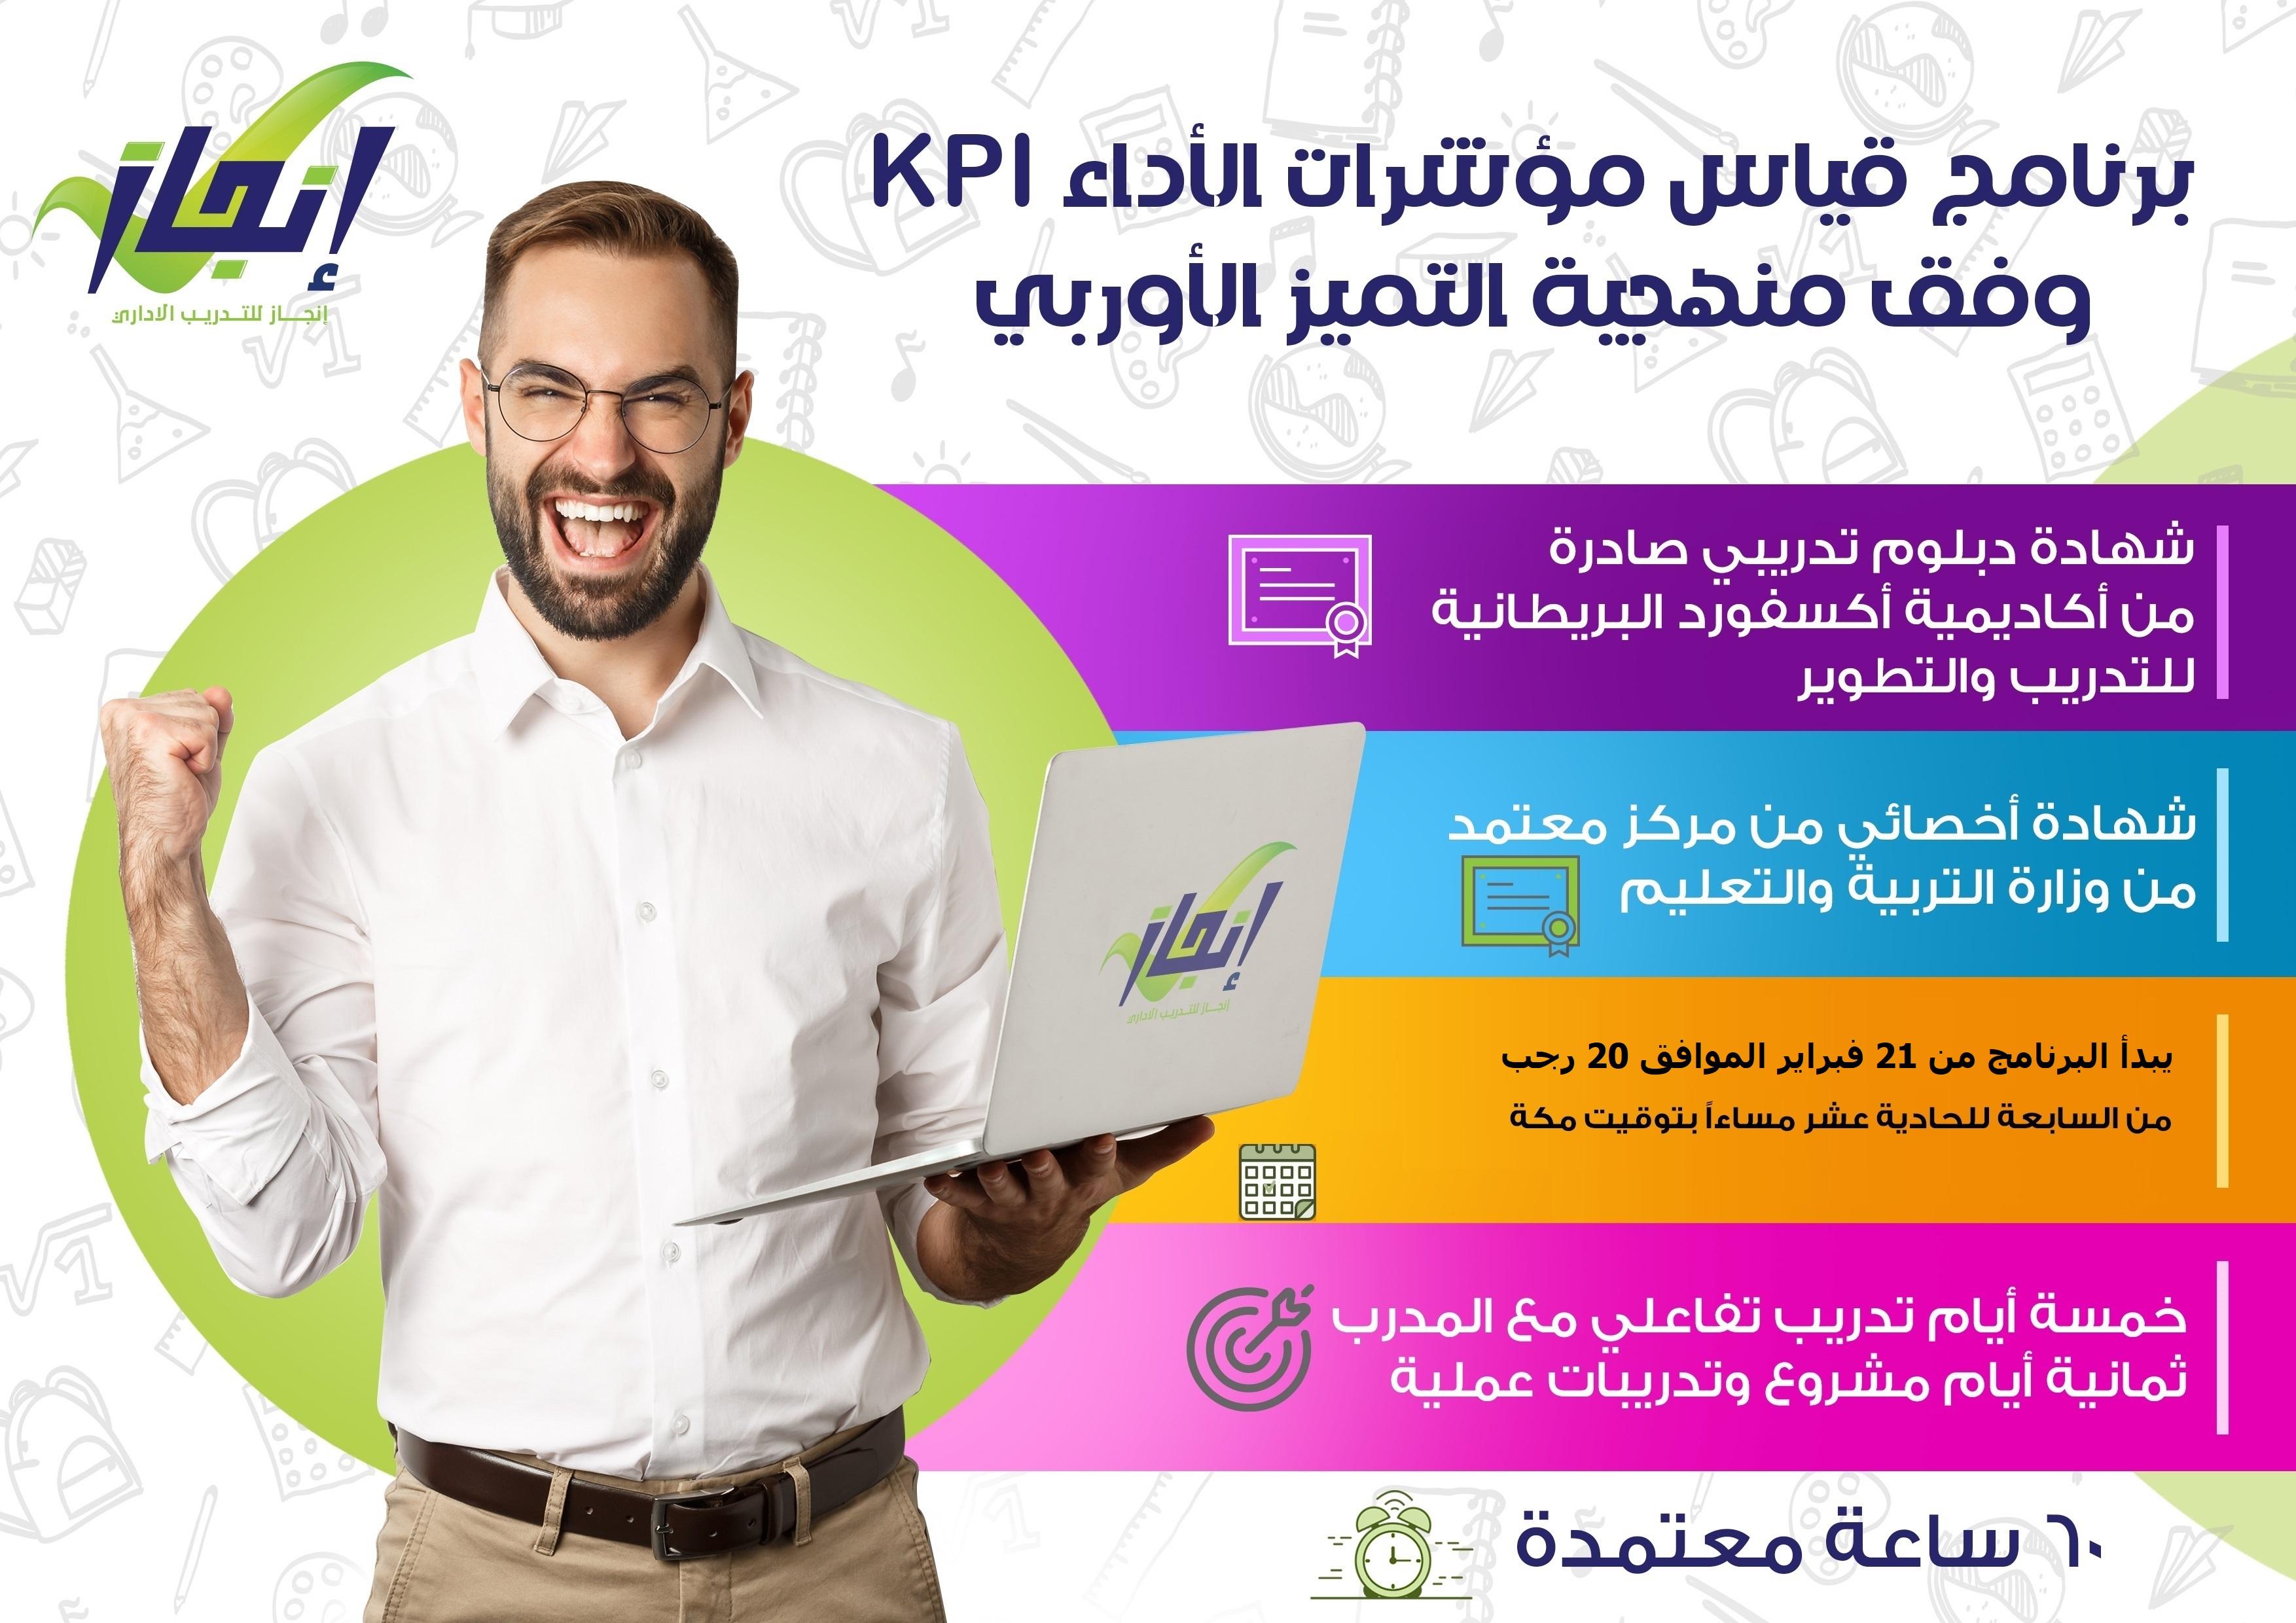 الدبلوم التدريبي بإدارة و قياس مؤشرات الأداء KPI